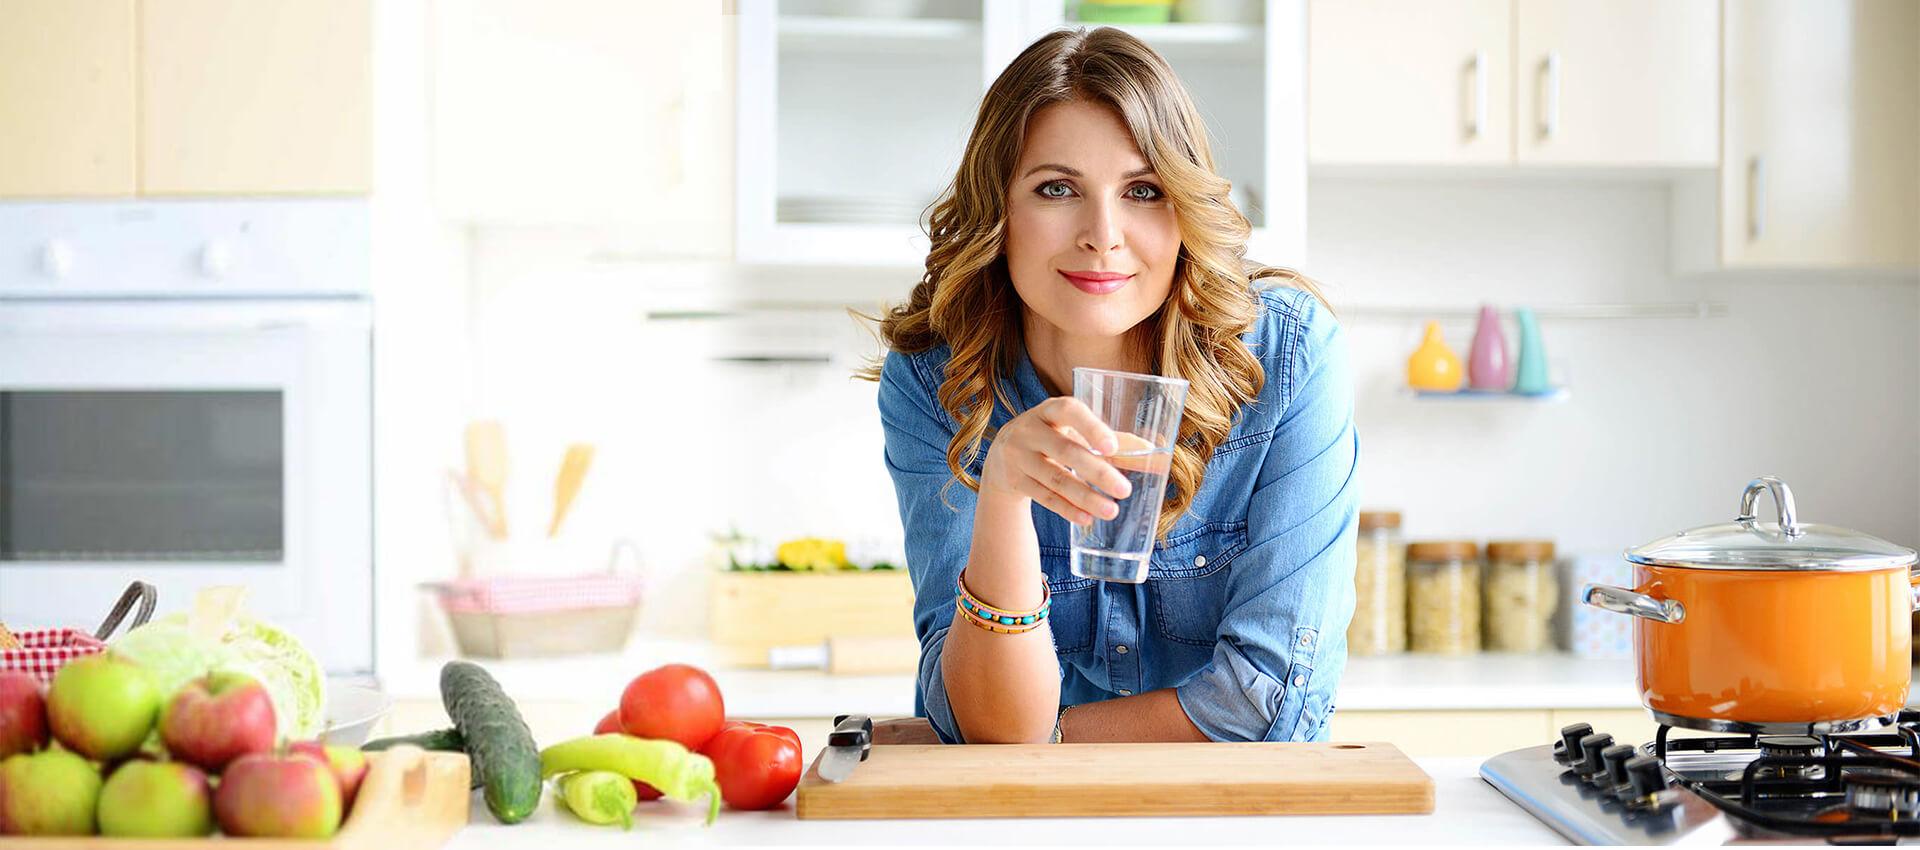 Ortalama 8-8.5 pH  değeri ile en sağlıklı ve kaliteli alkali su.